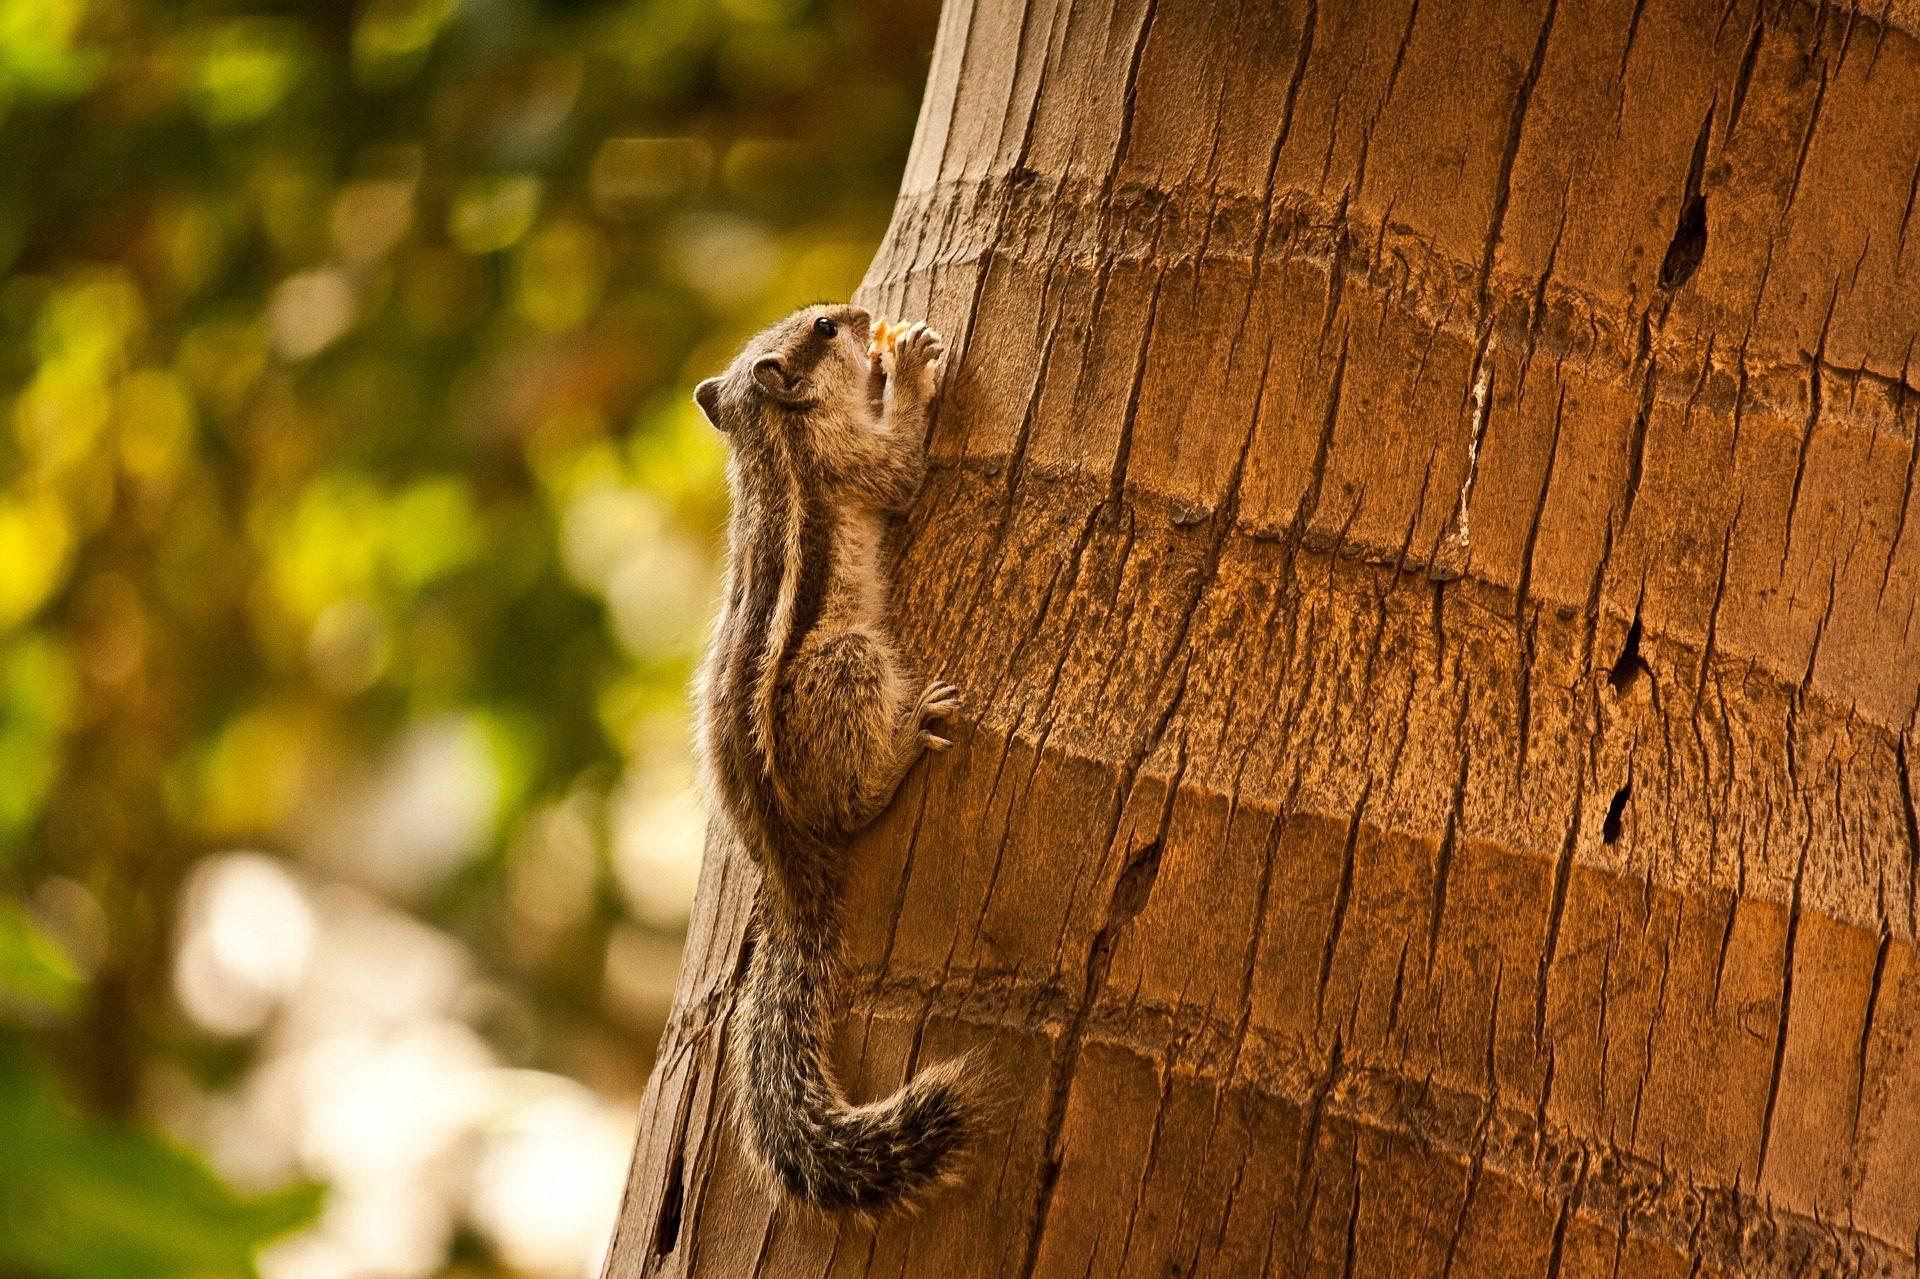 Écureuil, tronc, arbre, queue, rayé, Forest - Fonds d'écran HD - Professor-falken.com